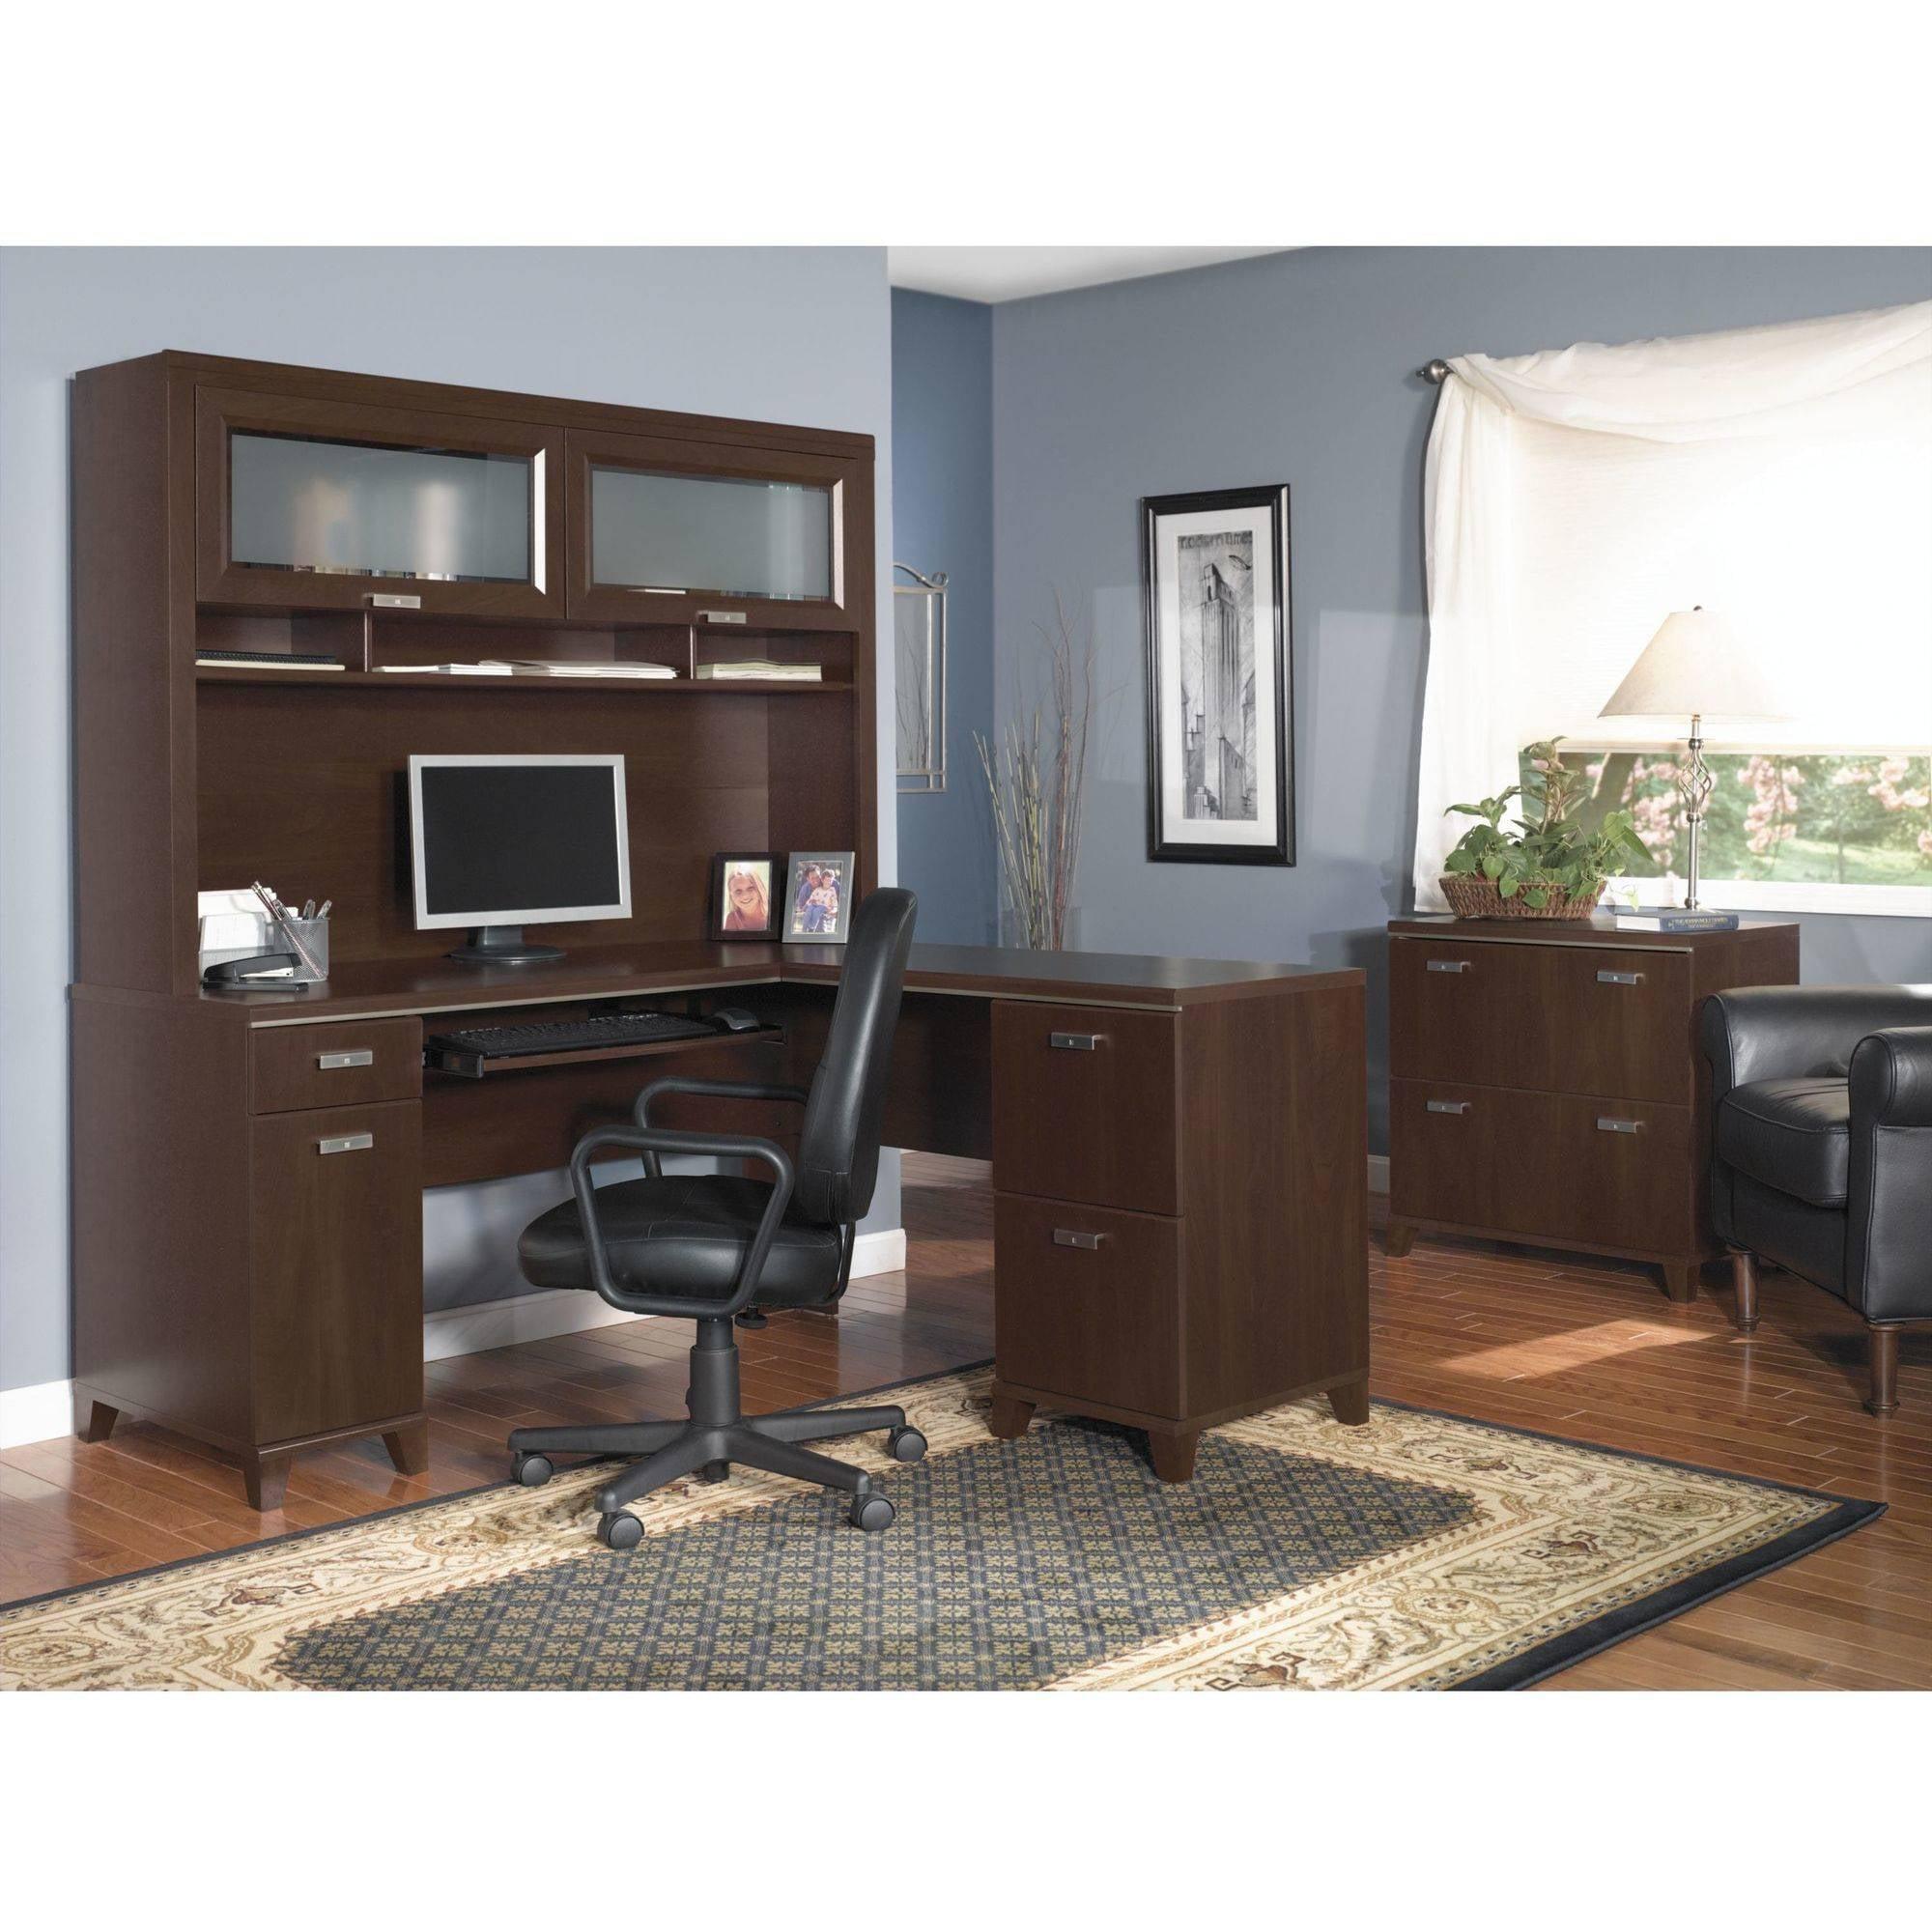 Bush Furniture Tuxedo L Shaped Desk With Hutch In Mocha Cherry Com